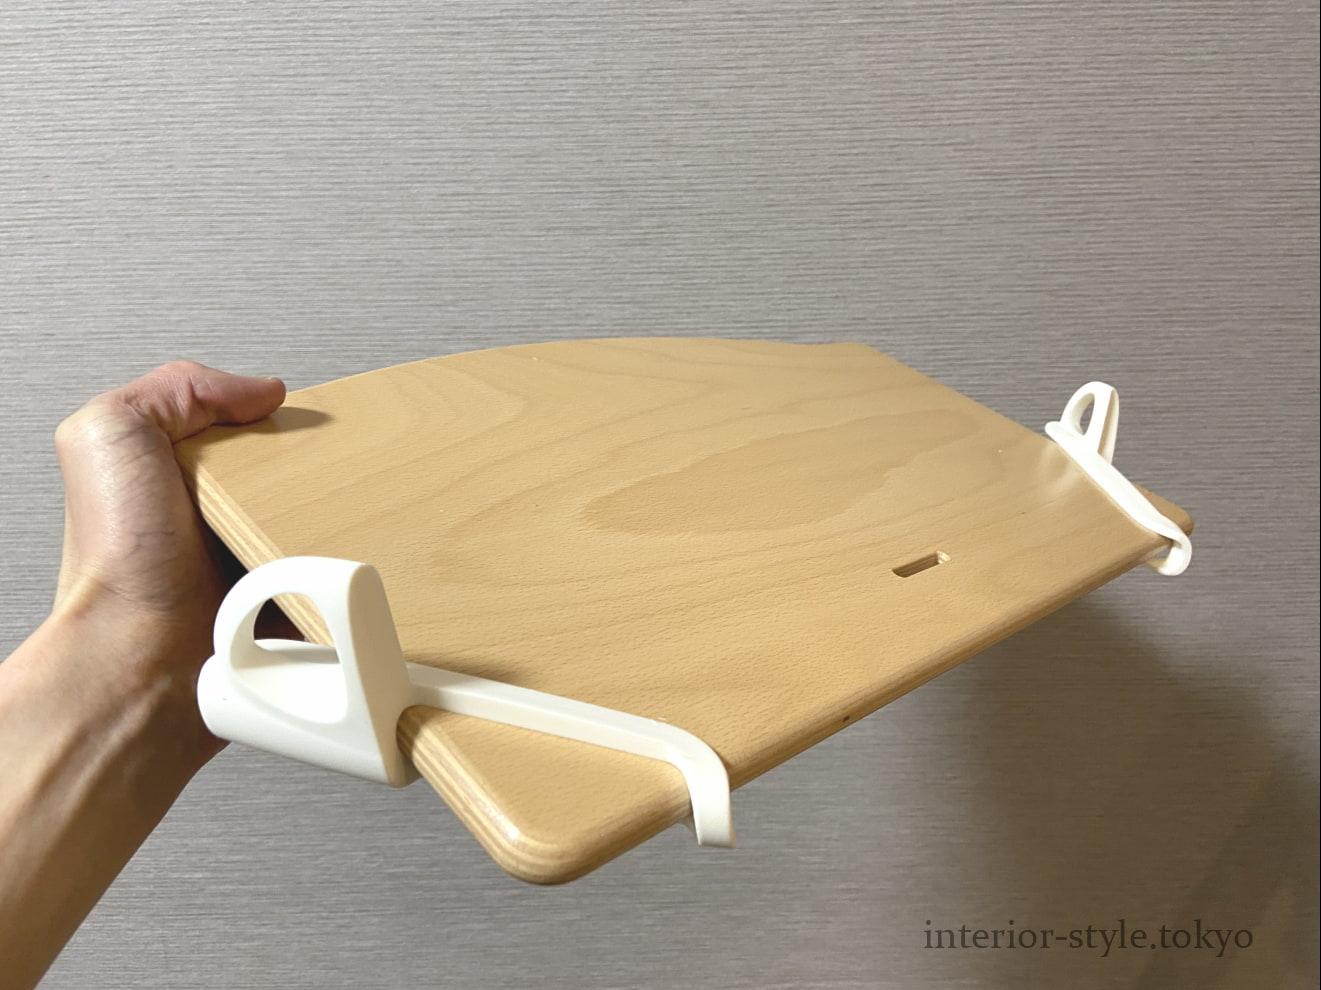 白い取り付け器具を座板の2ヵ所に差し込む